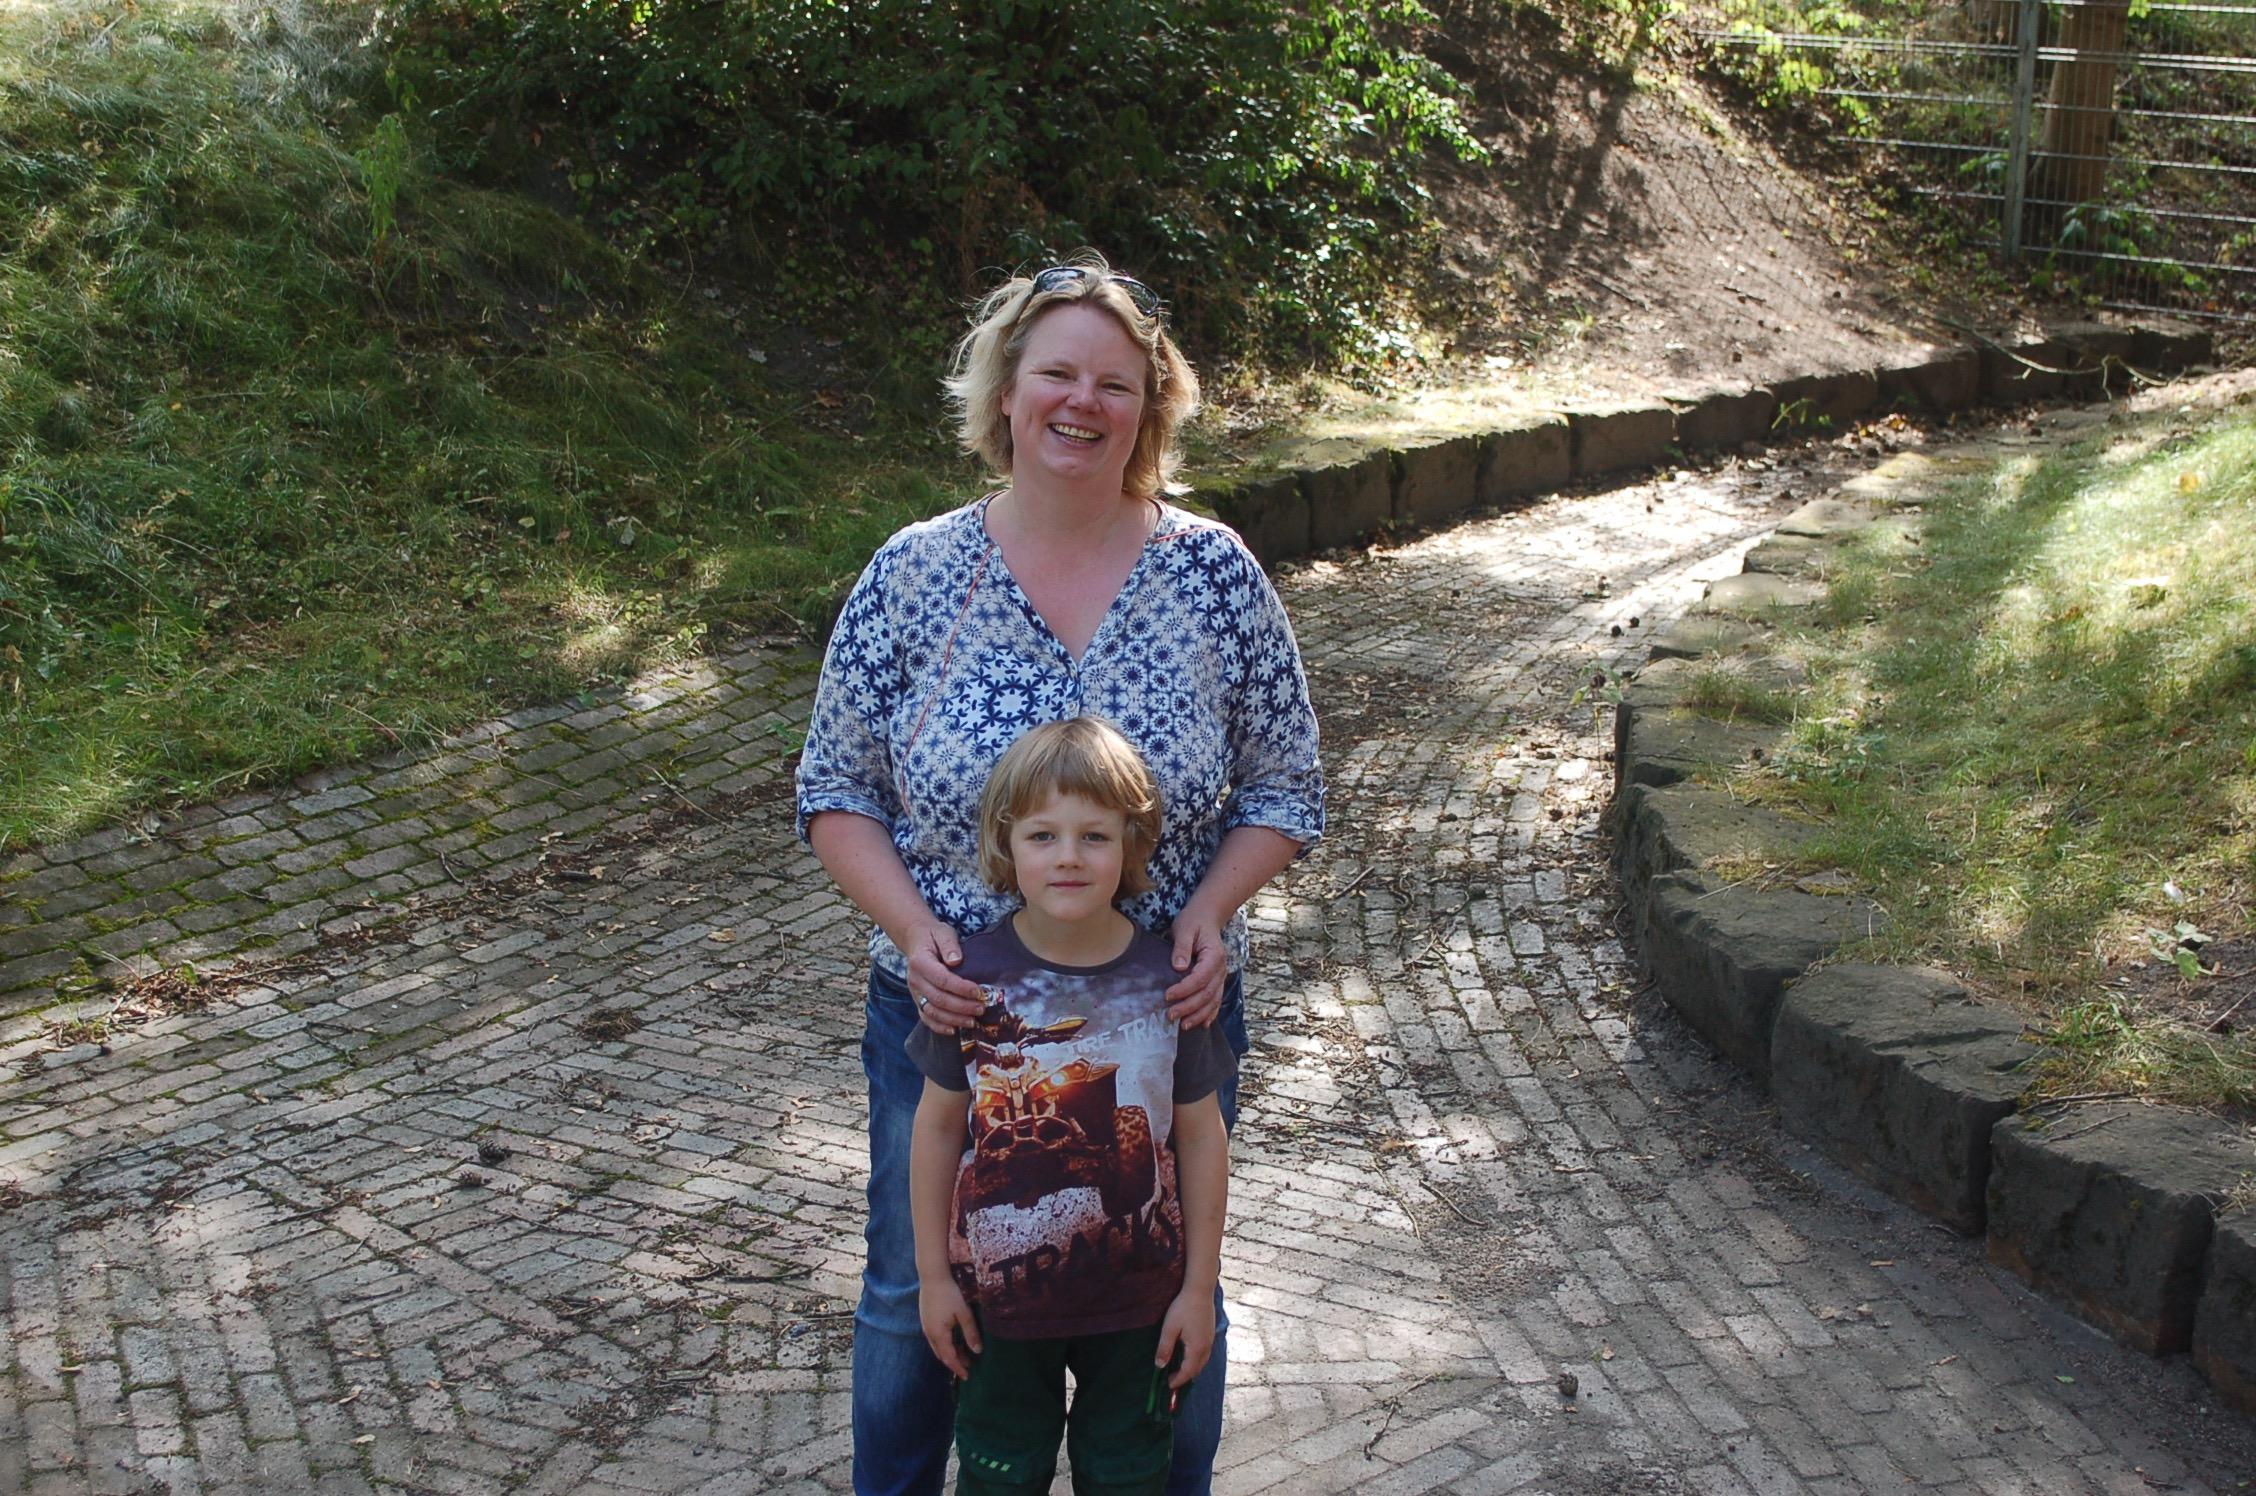 mk -Die CDU-Bezirksabgeordnete Brit-Meike Fischer Pinz und ihr Sohn Stian warten sehnsüchtig auf das Wasser.